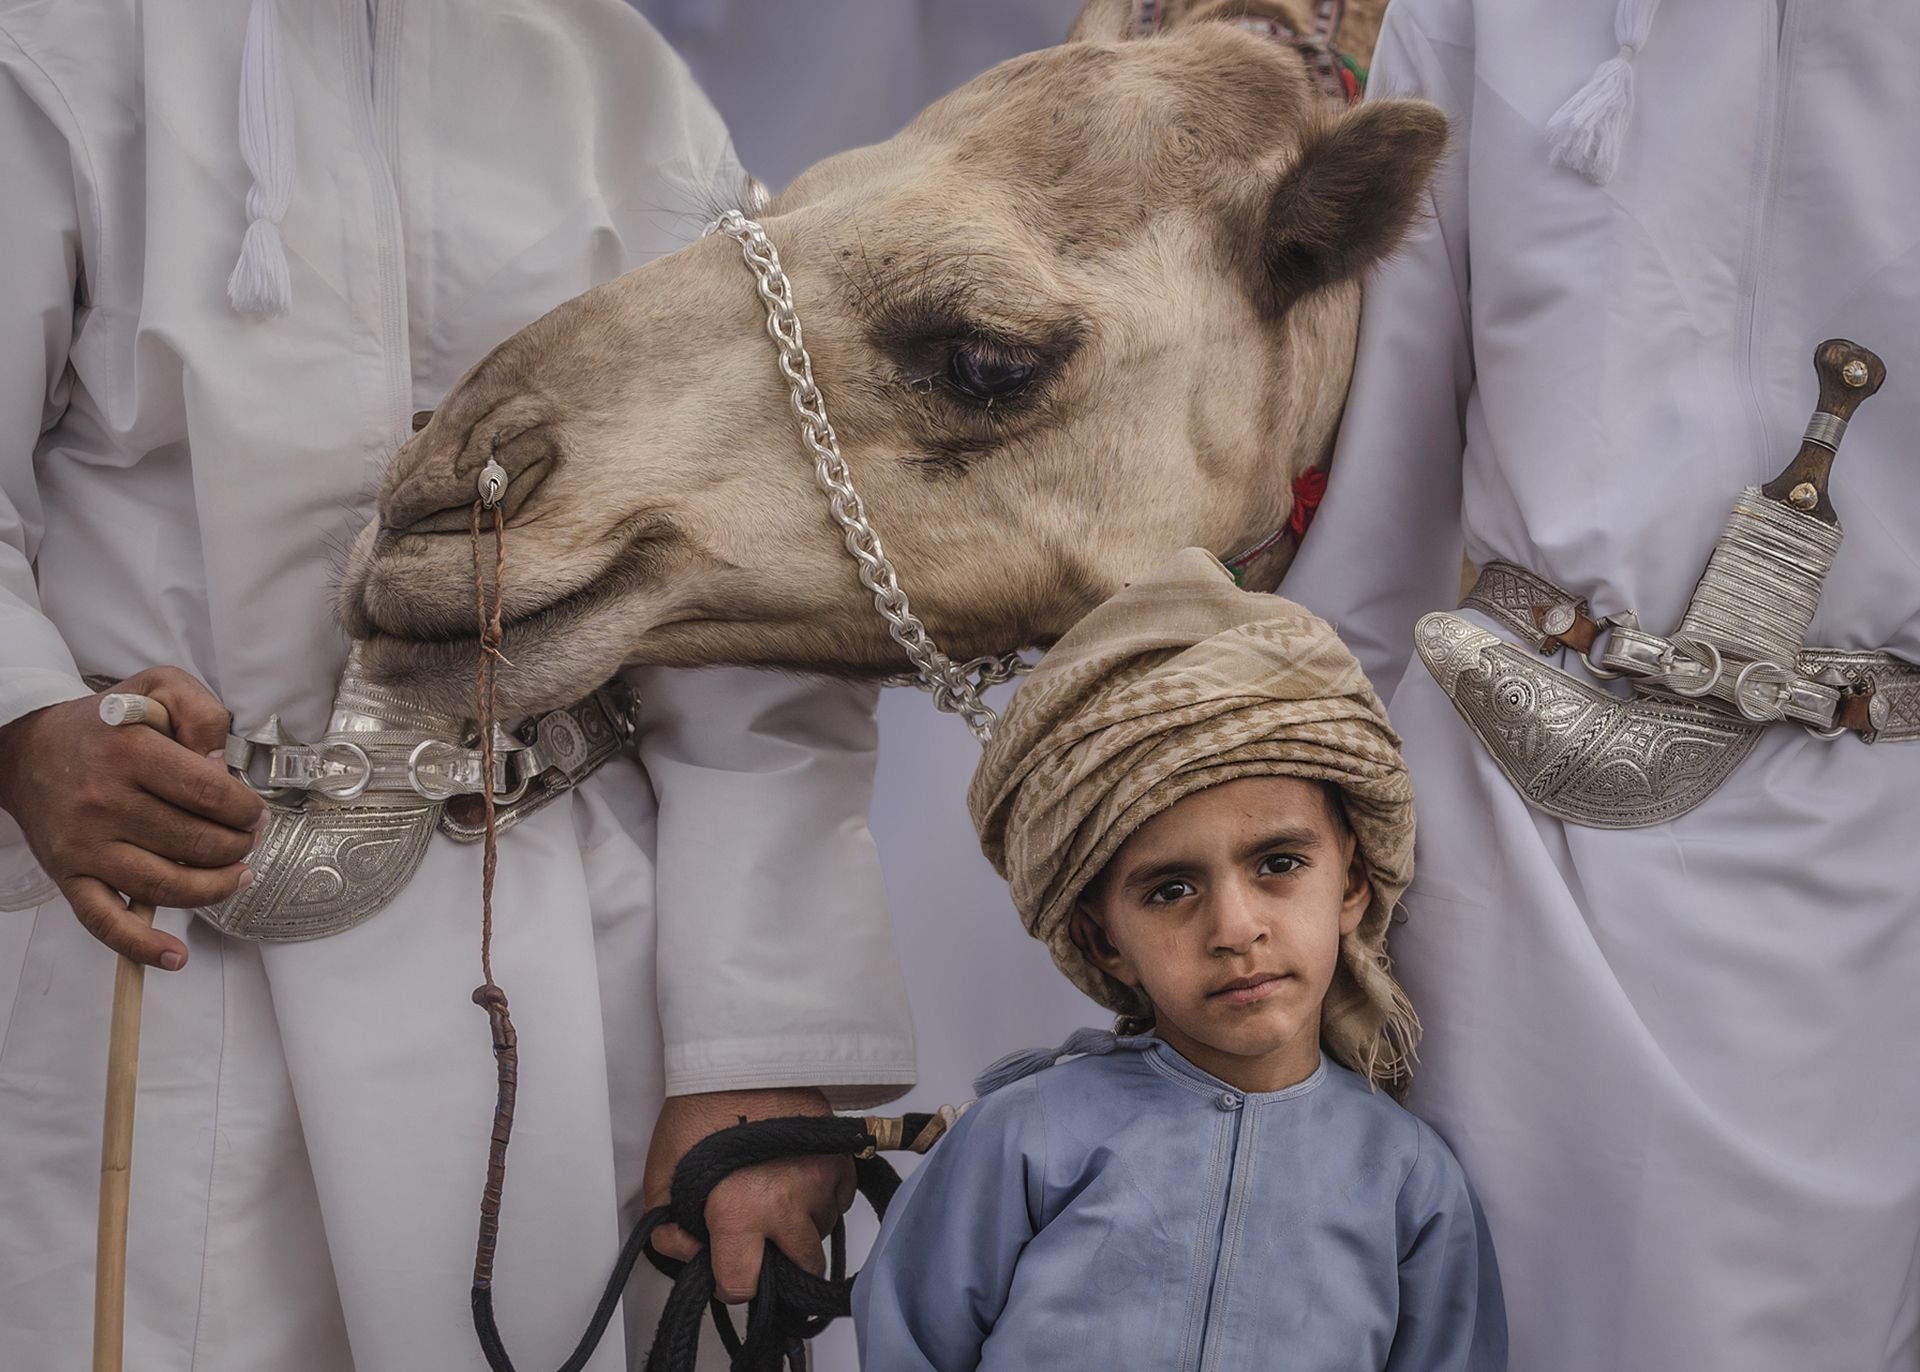 The Bedouin Boy by Habib Alzadjali